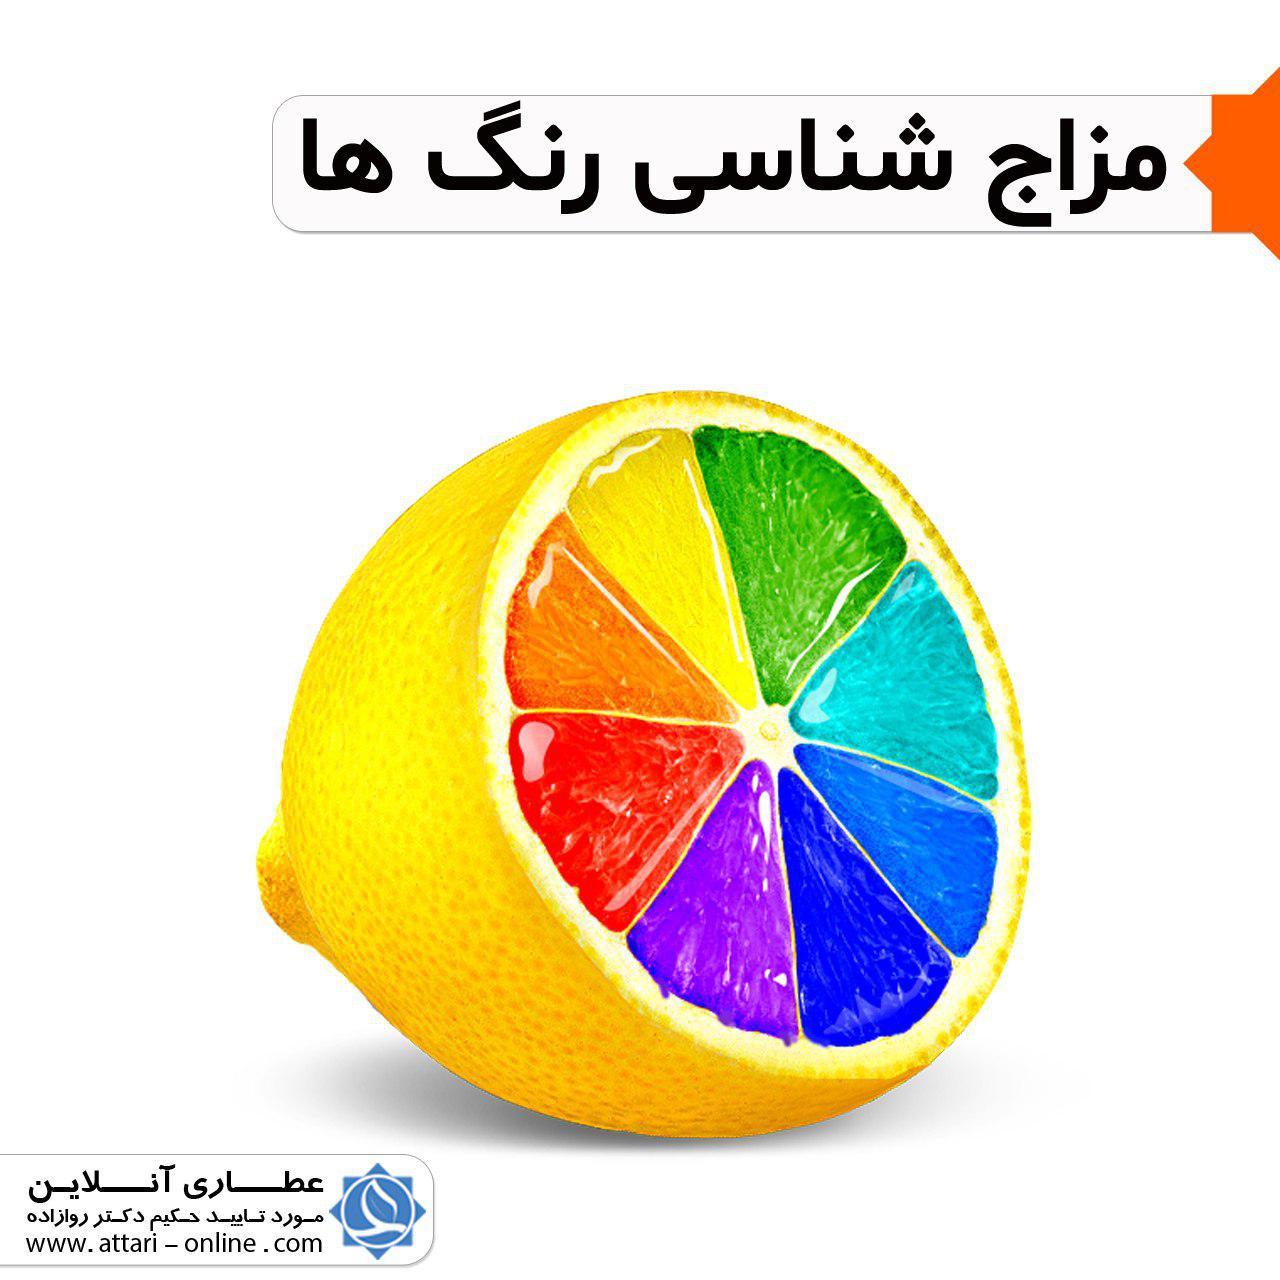 photo 2019 01 28 16 20 18 مزاج شناسی رنگ ها